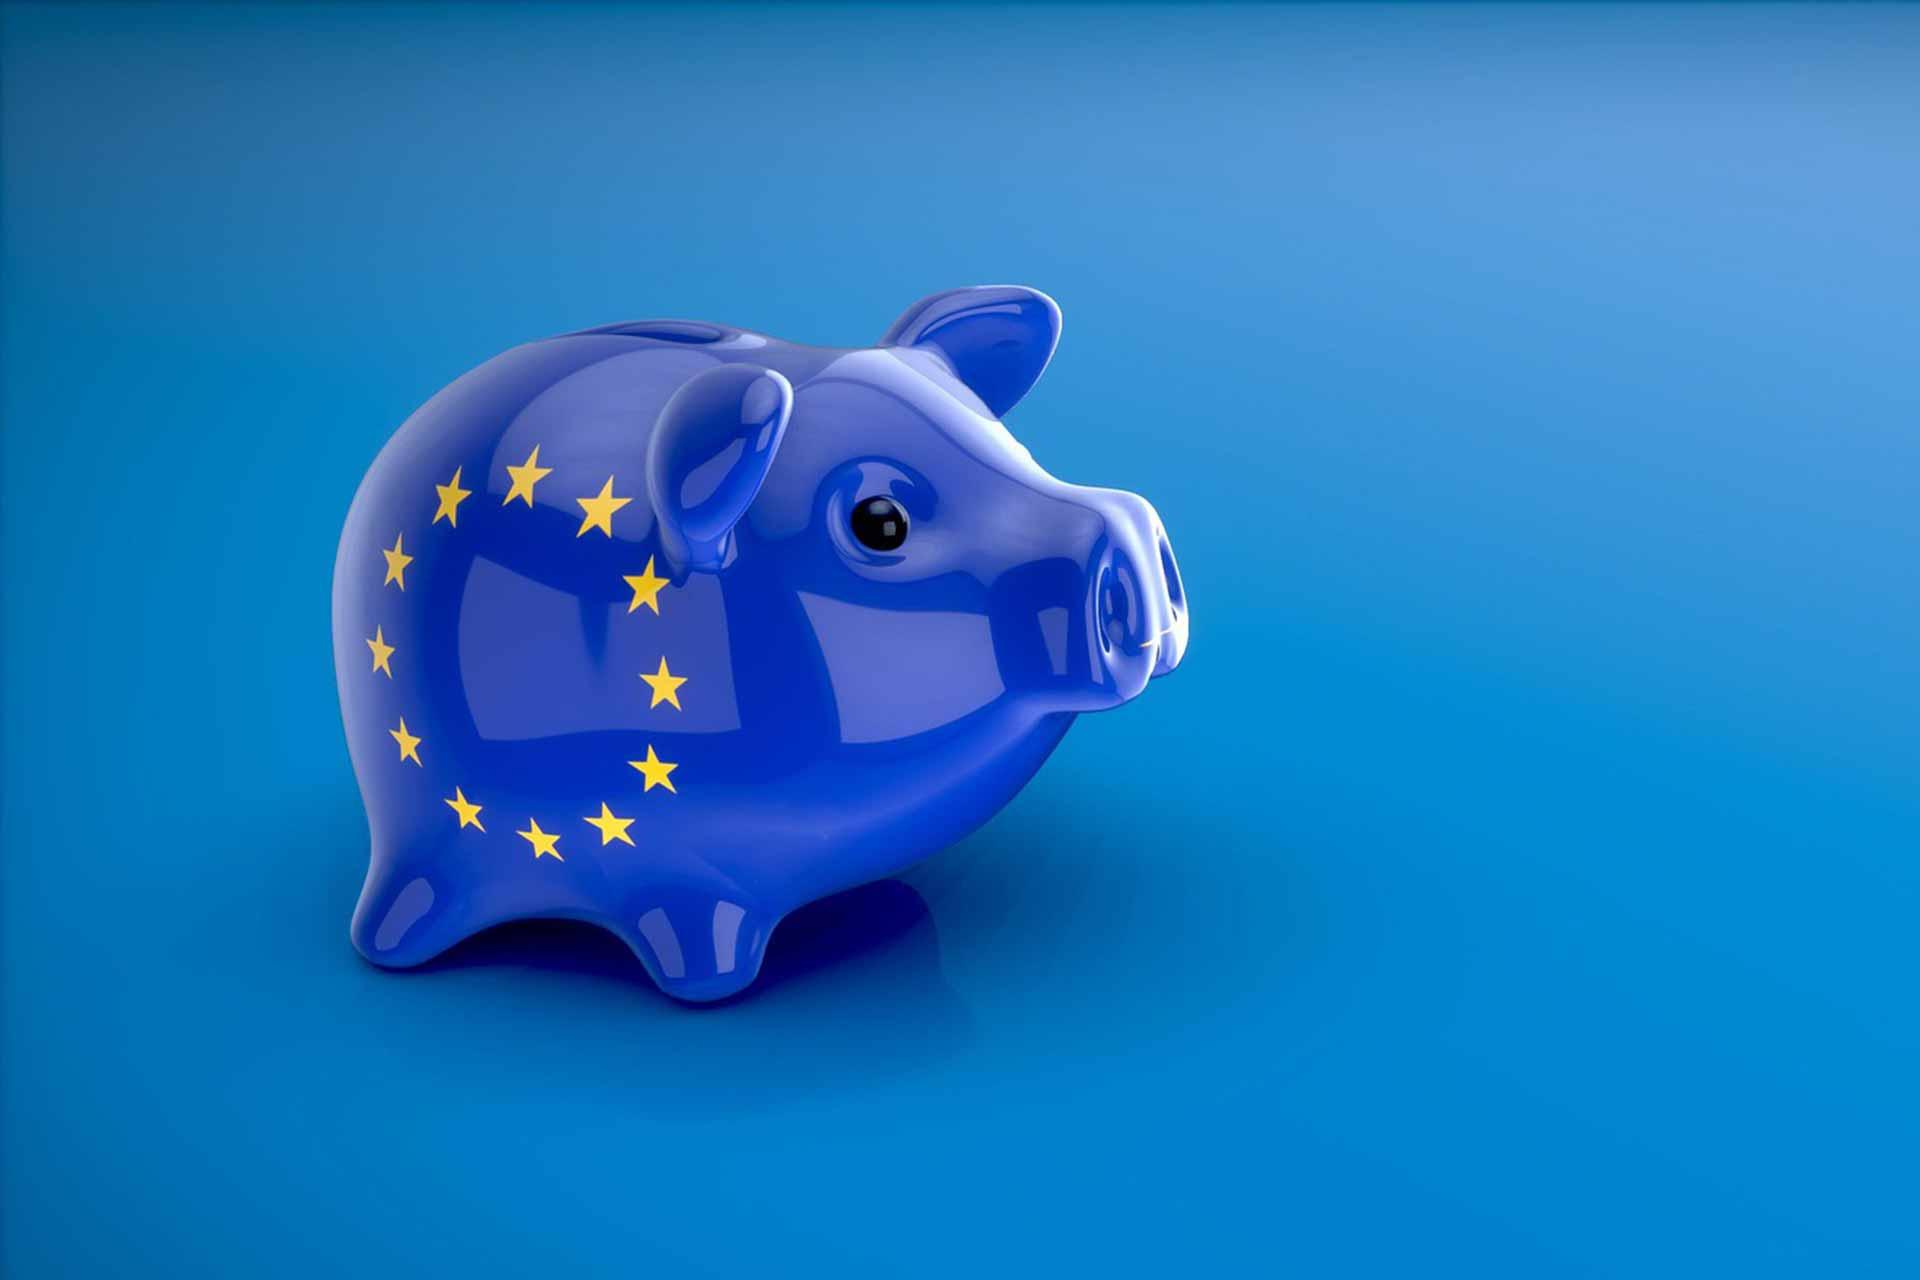 piggy EU euros Economy